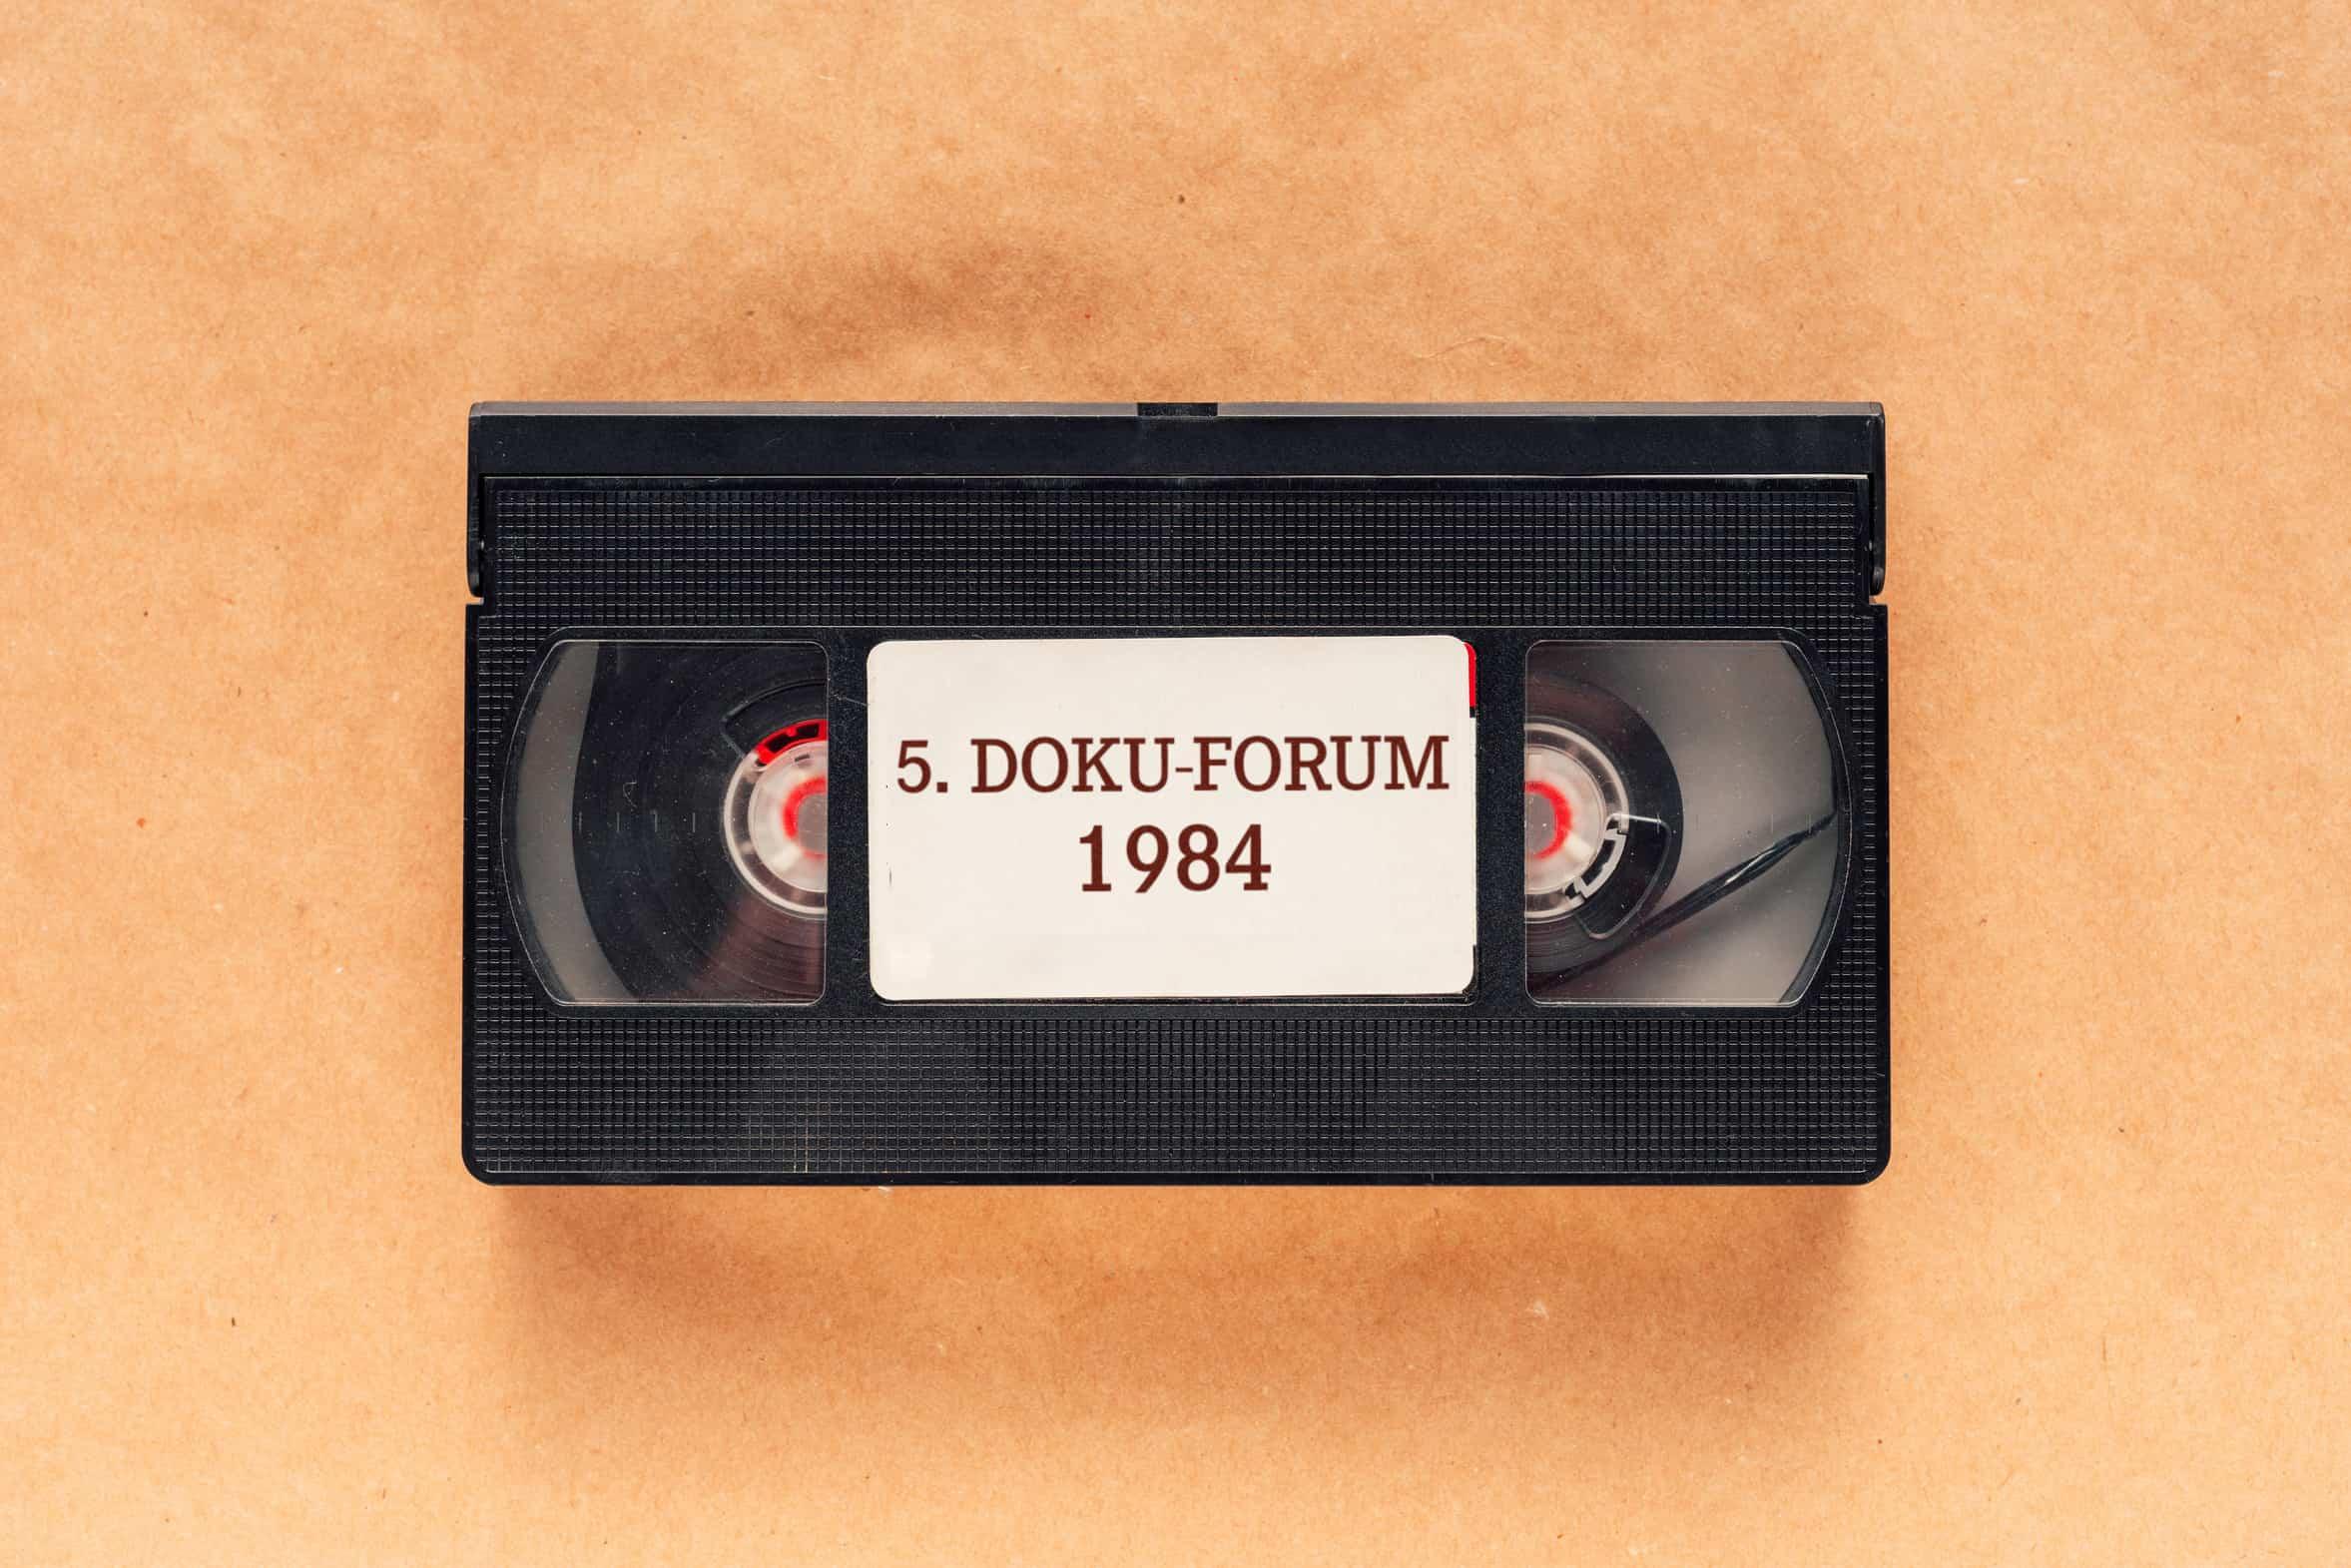 Bild benutzte Videokassette